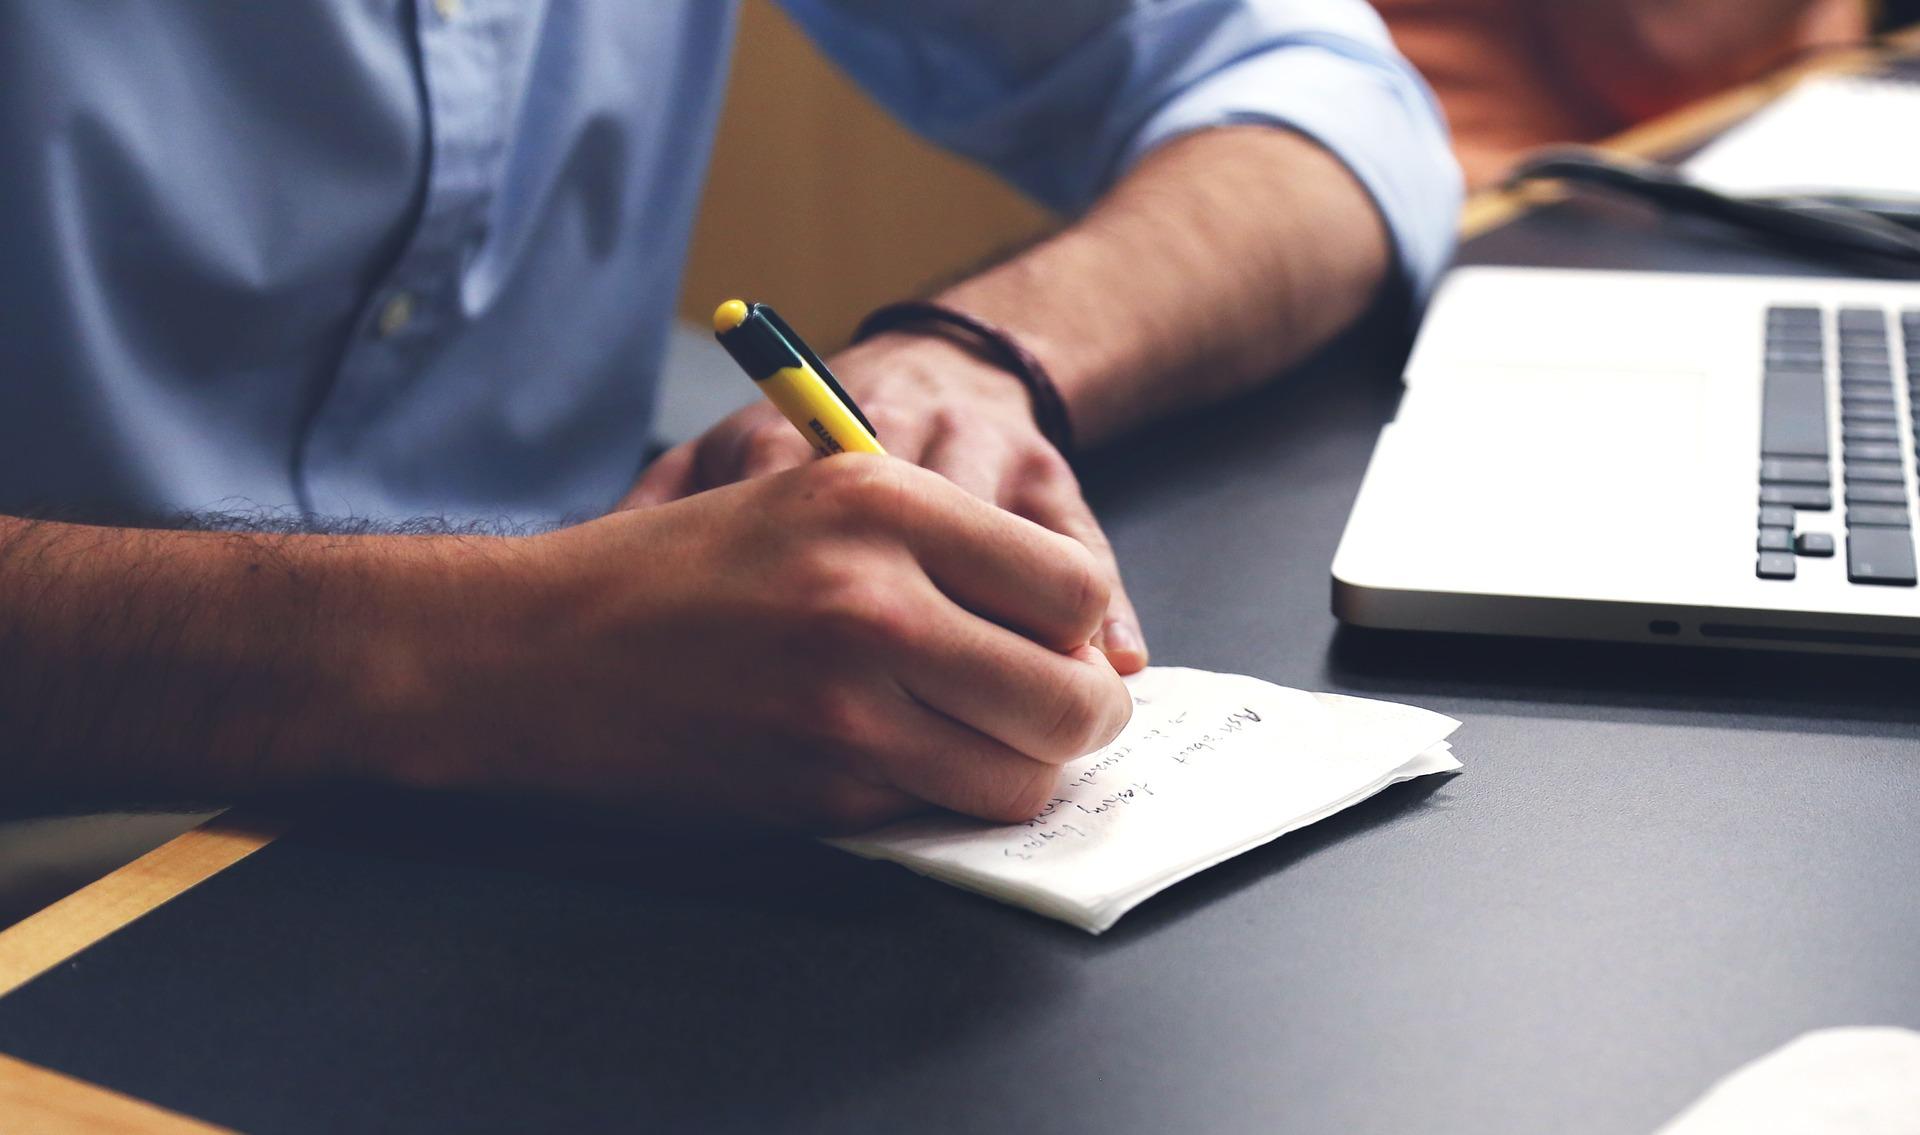 Как Написать Заявление в Мировой Суд Для Ознакомления с Материалами Дела